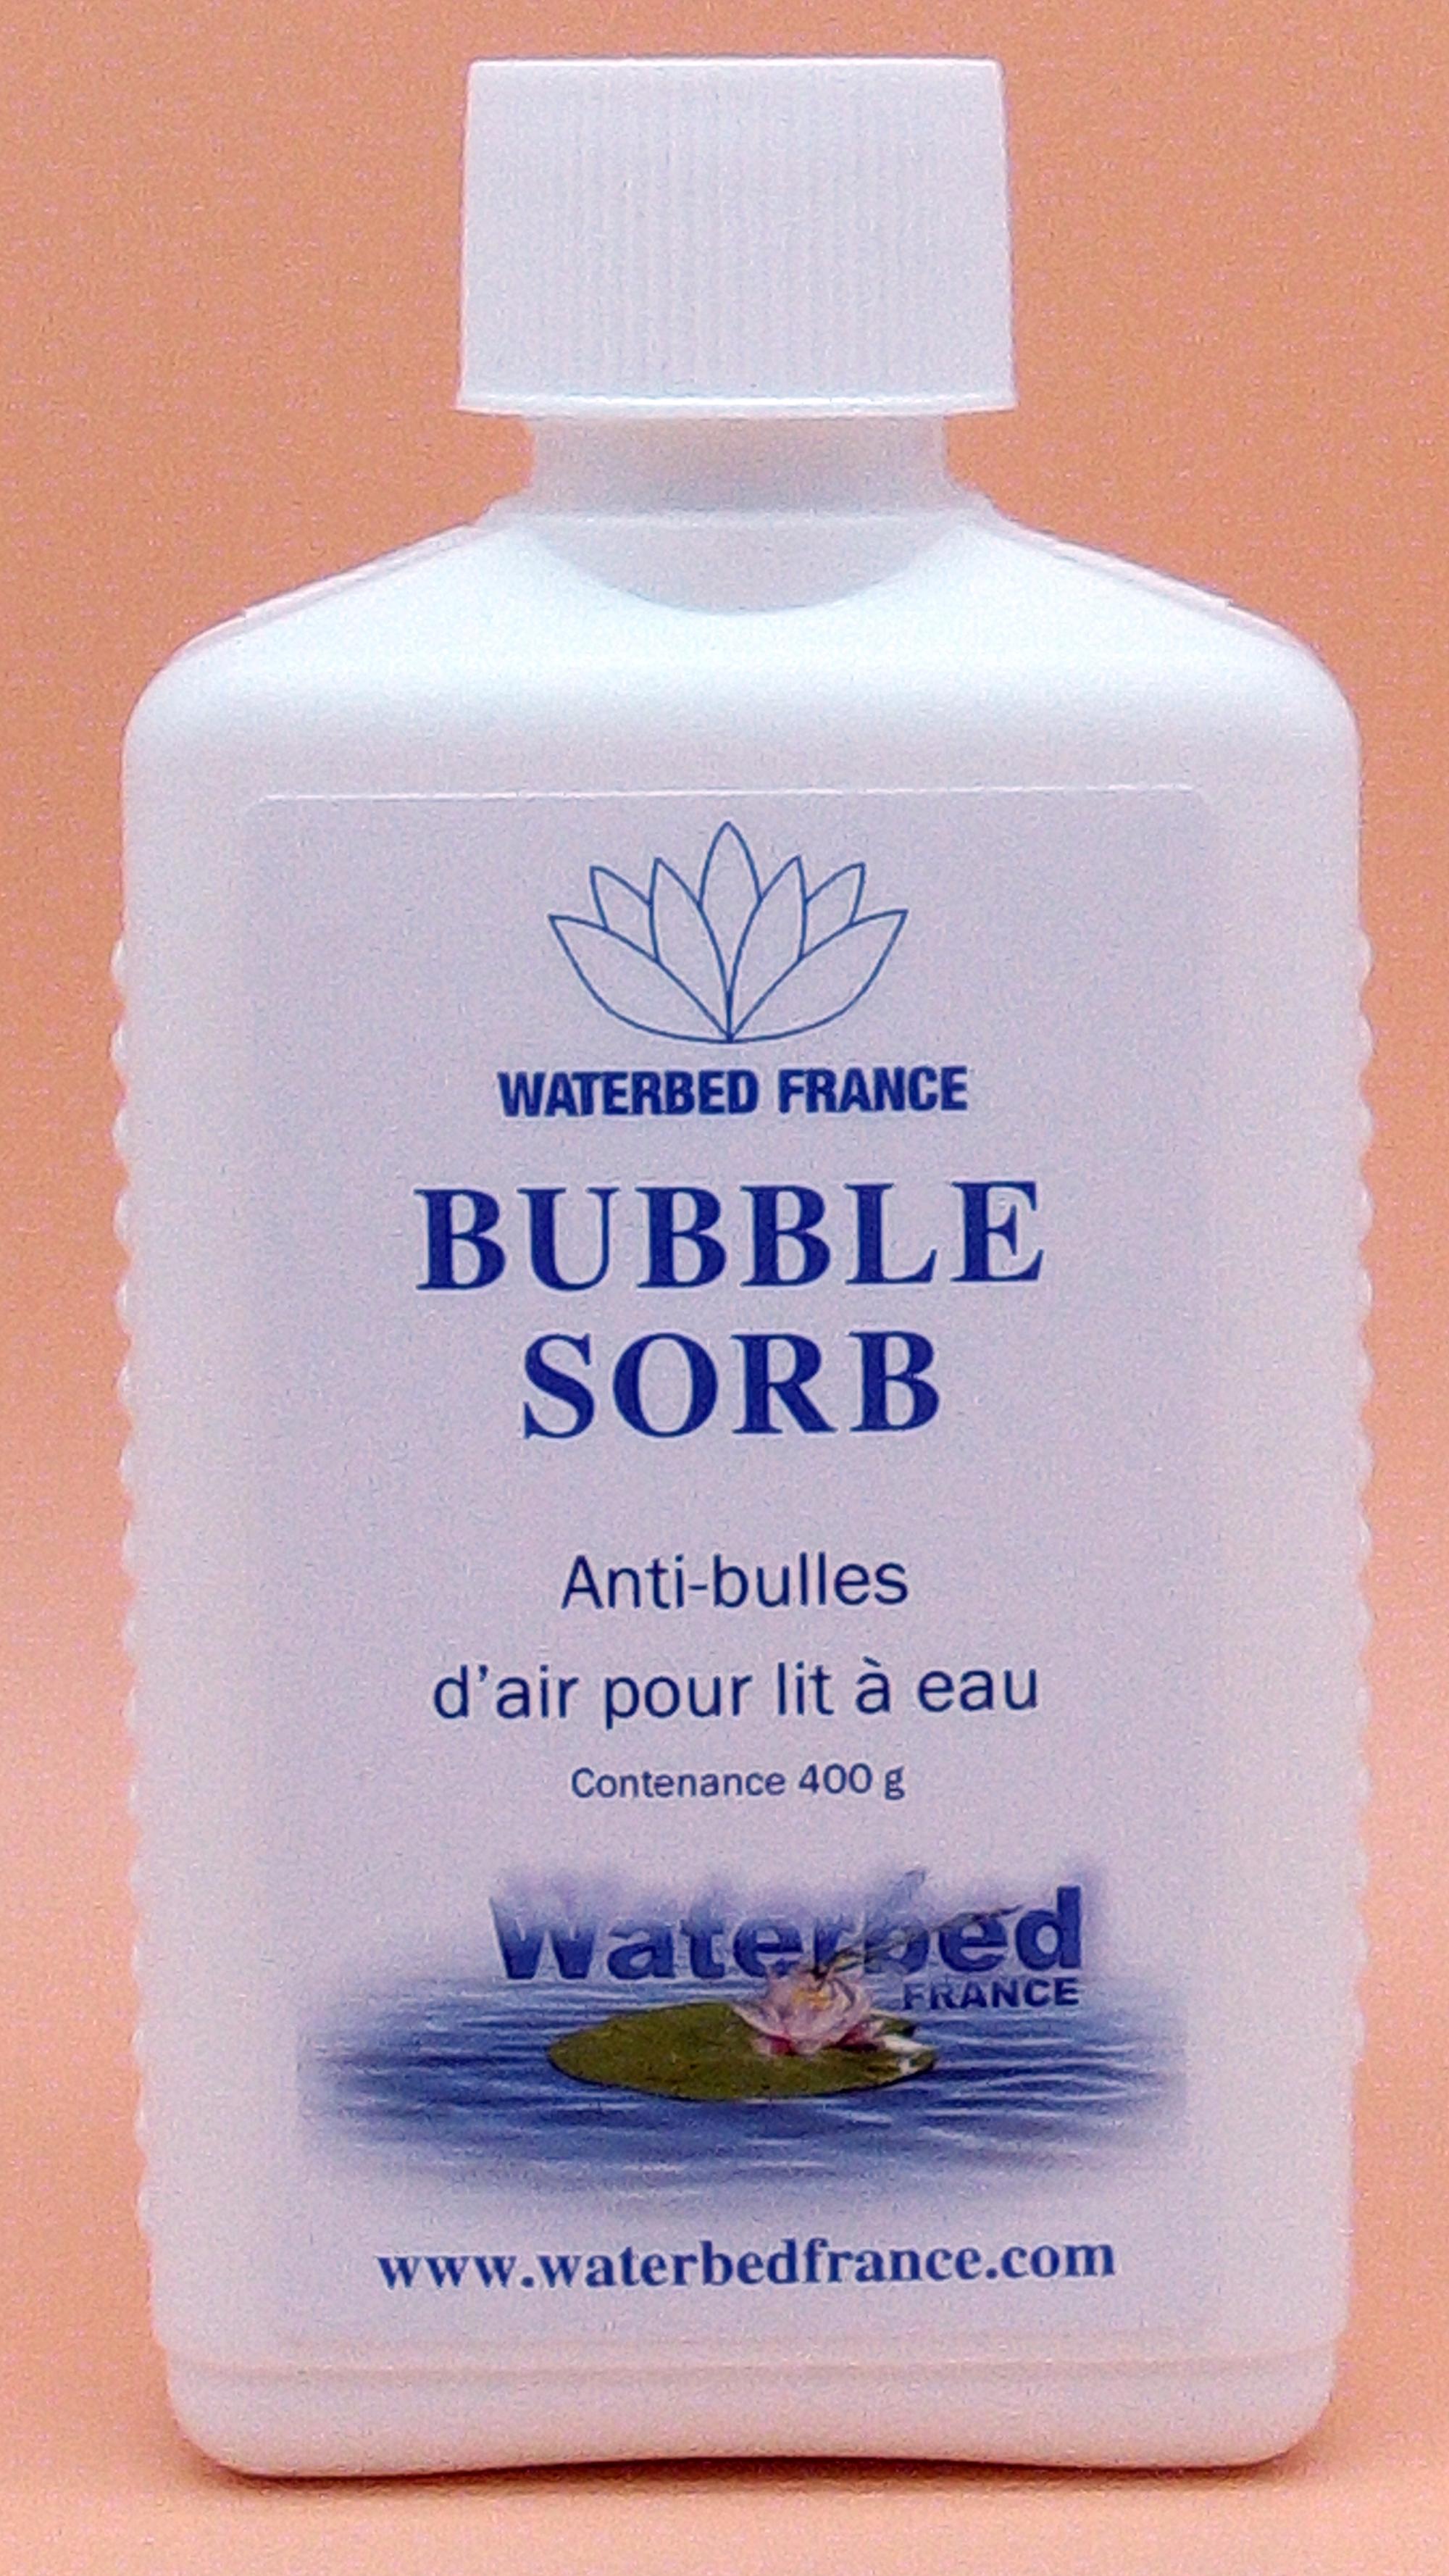 Bubble Sorb anti bulles d'air pour lit à eau waterbed